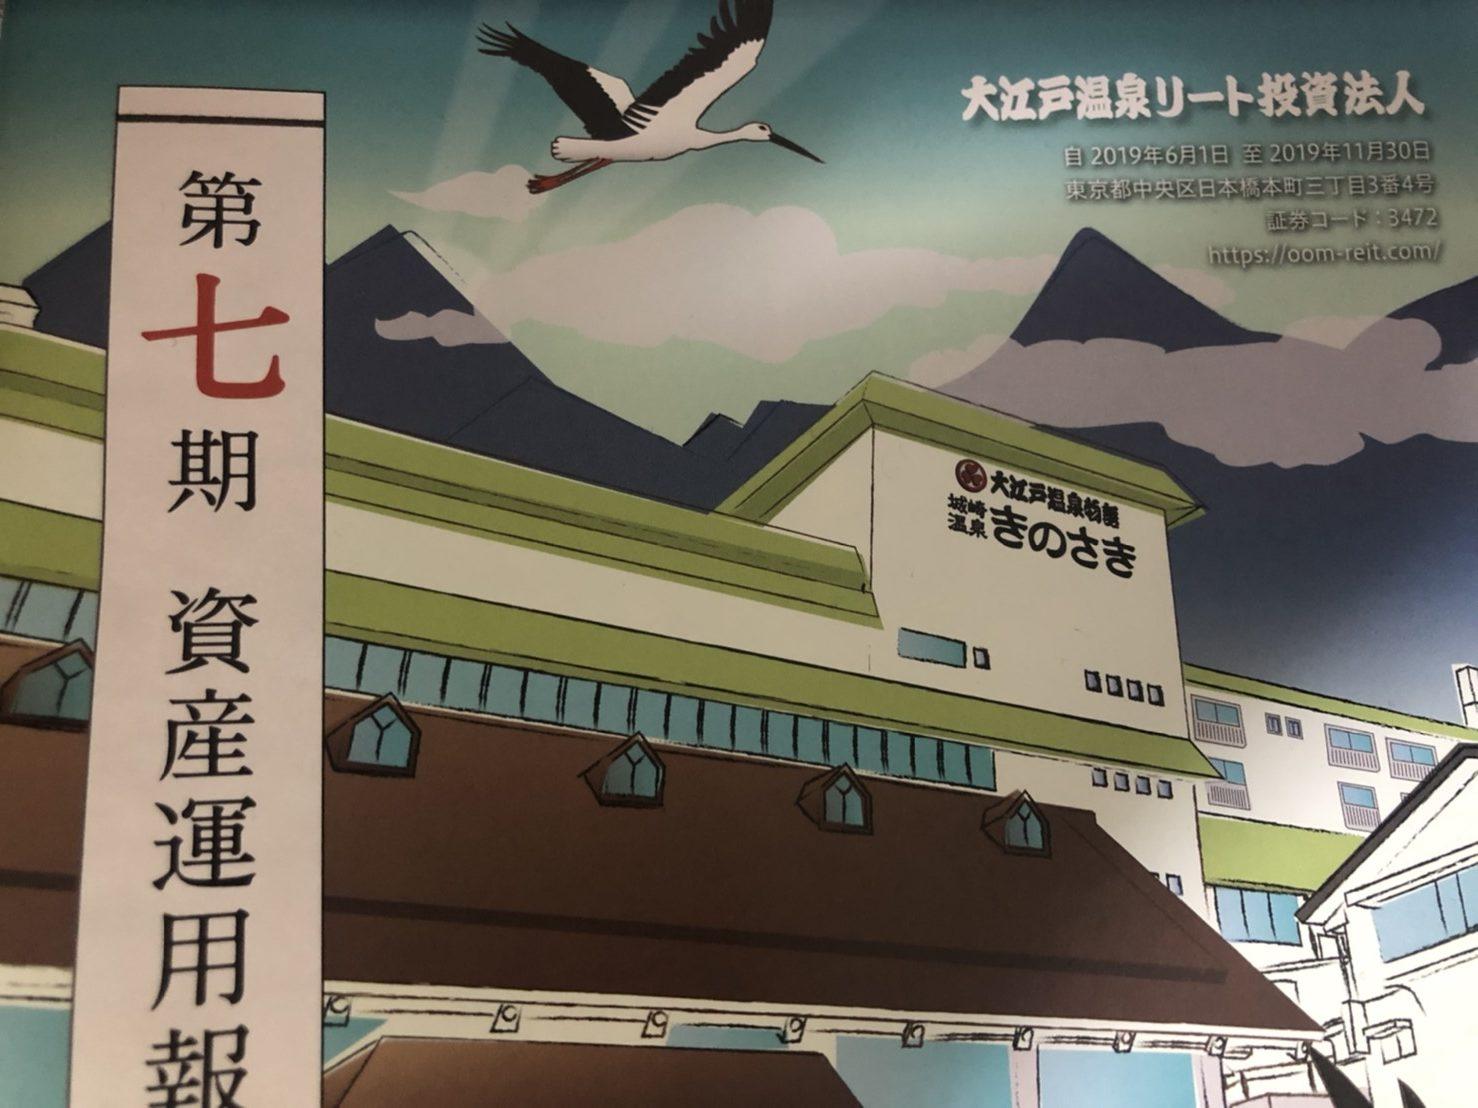 [3472]大江戸温泉リート投資法人から2019年11月分分配金を頂きました。